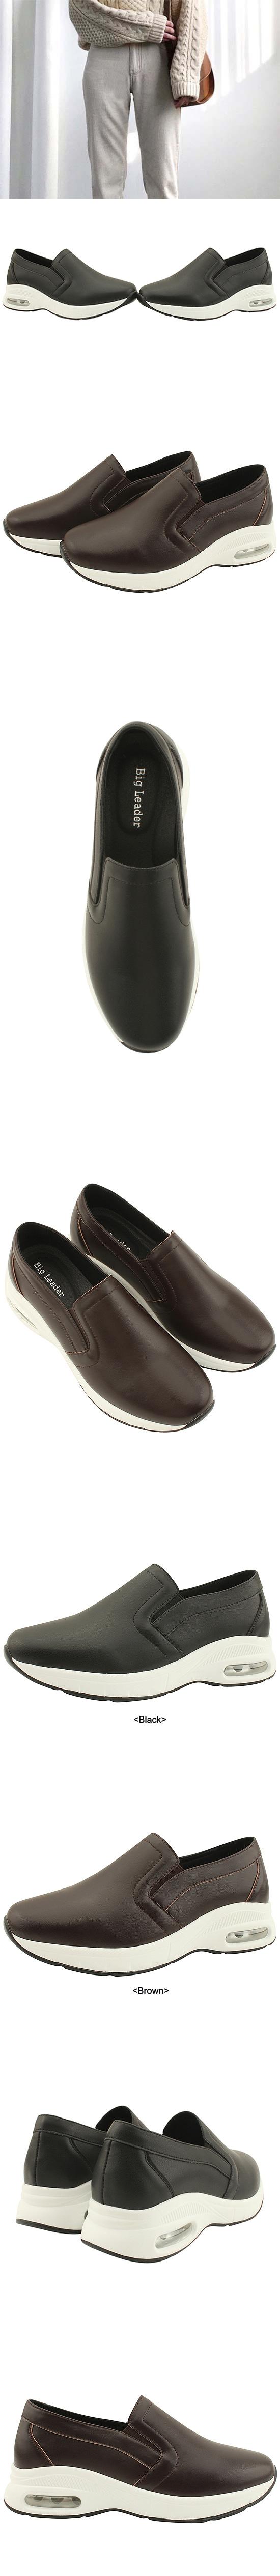 Cowhide Slip-on Banding Sneakers Brown